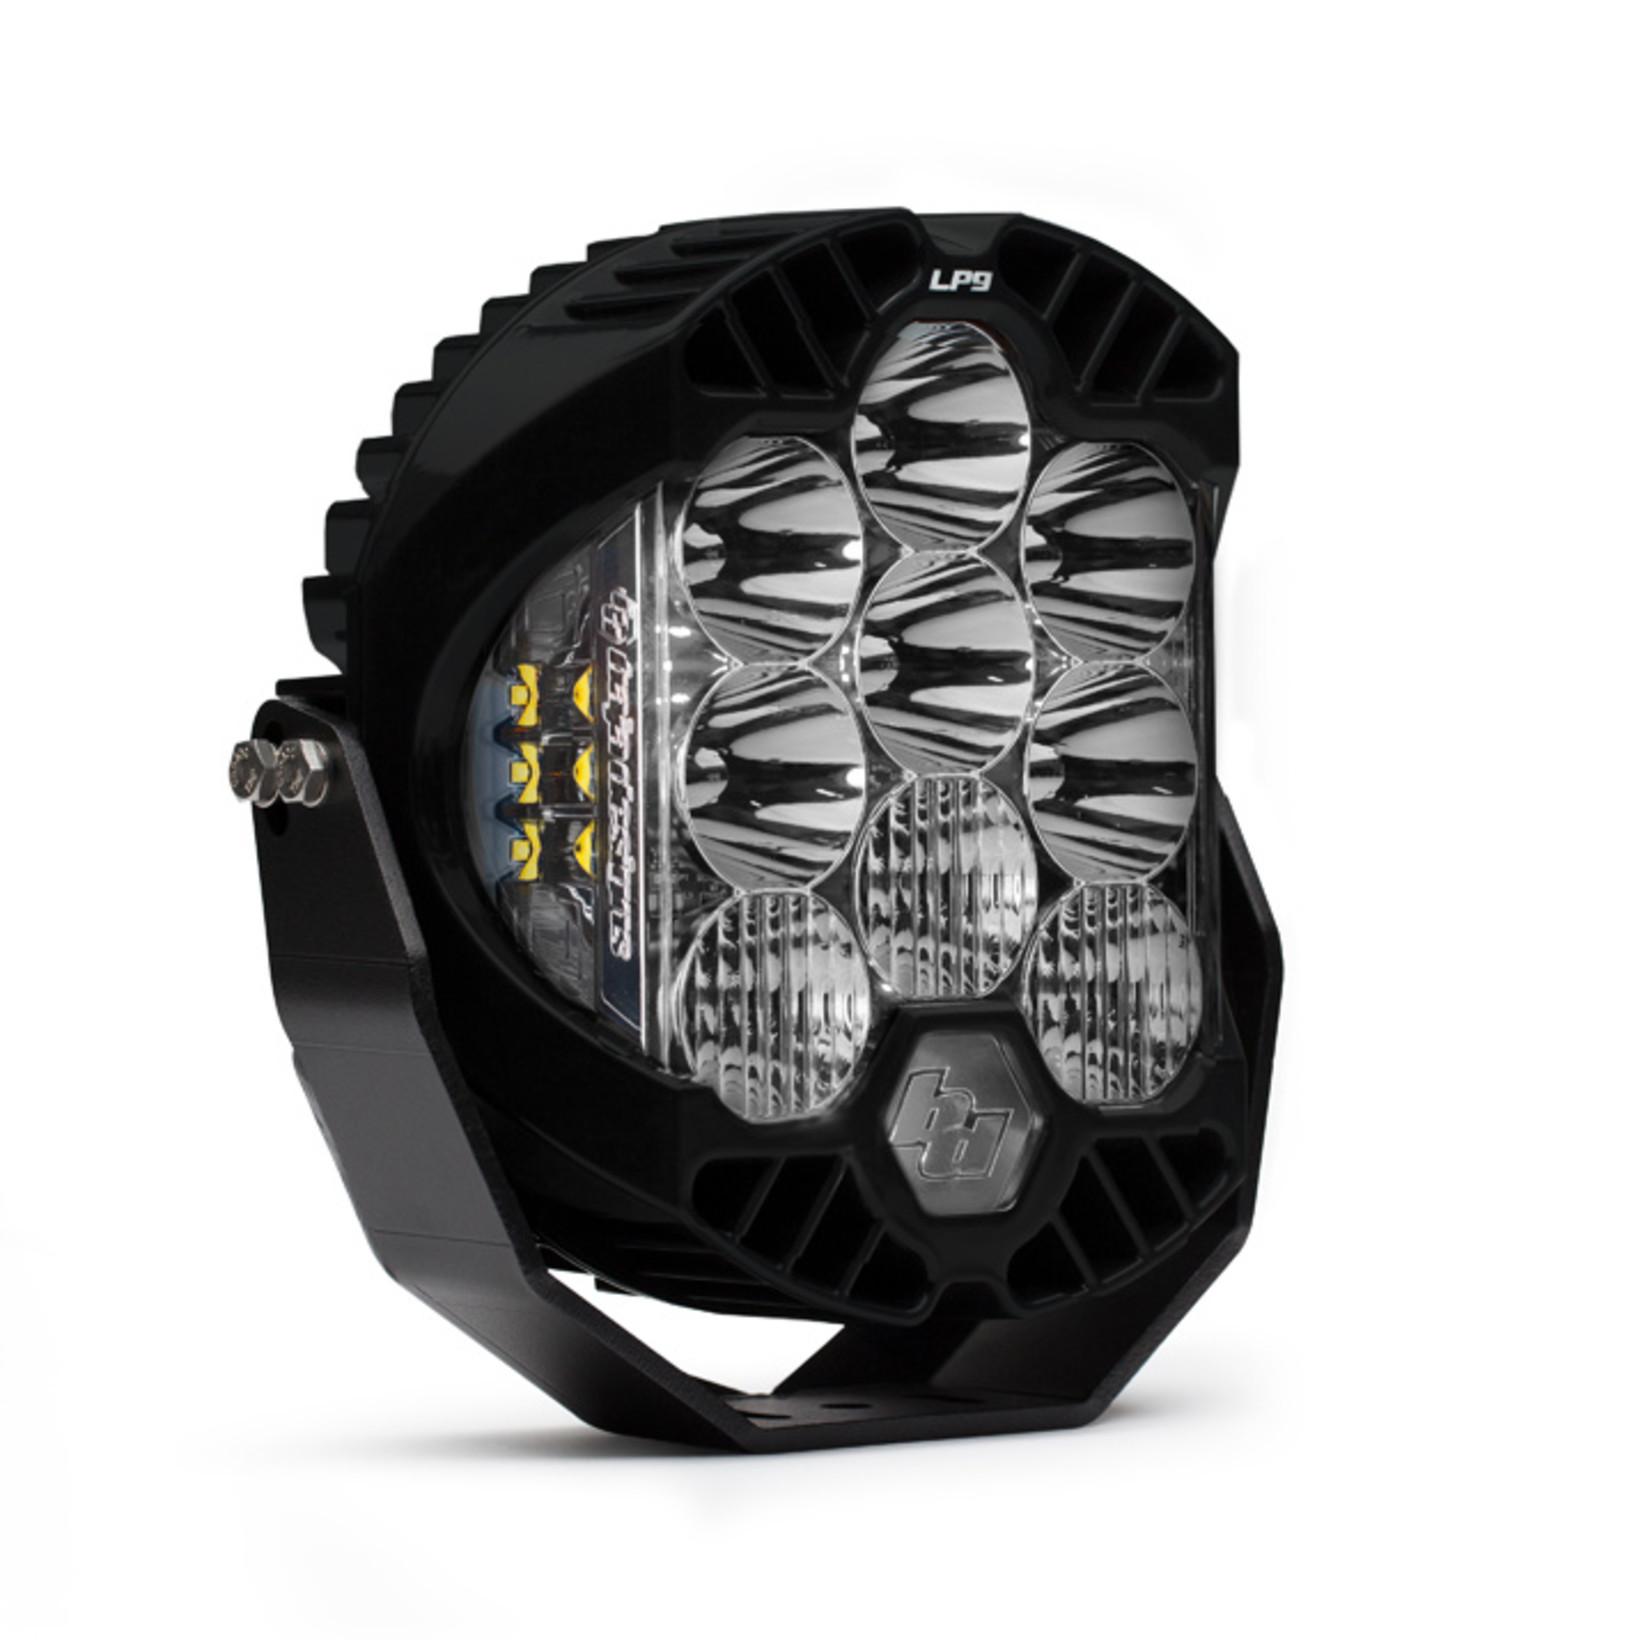 Baja Design Baja Design LP9 Sport LED Lights